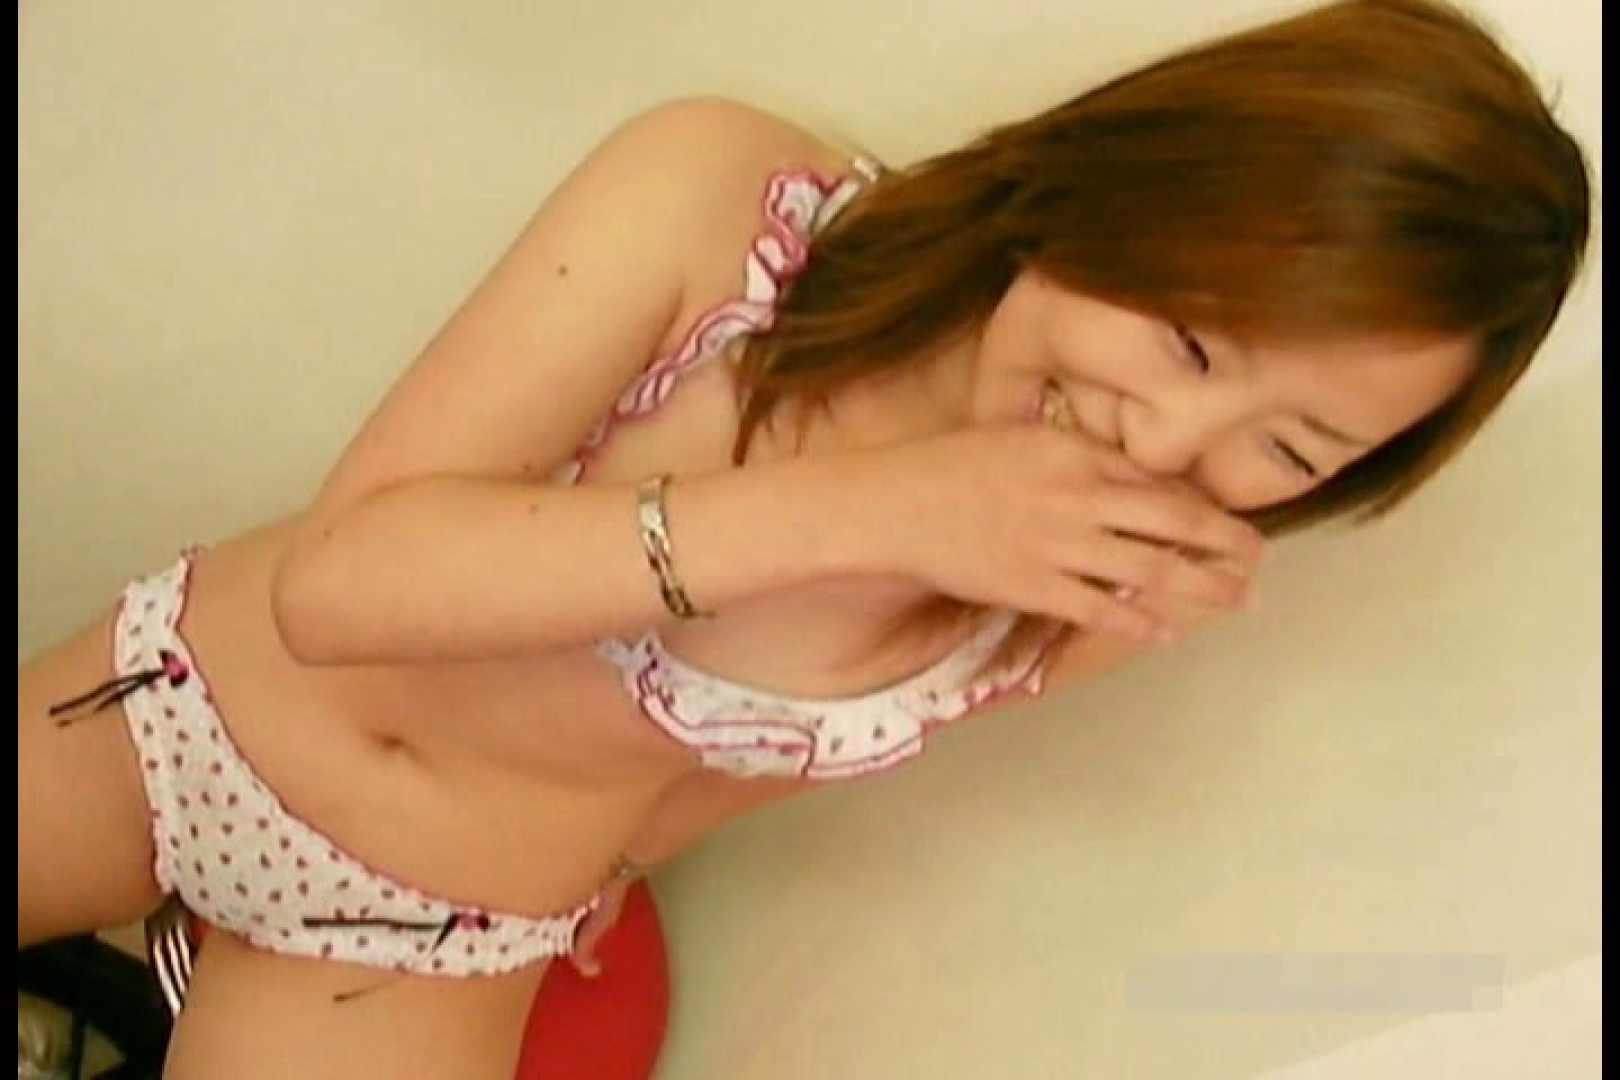 素人撮影 下着だけの撮影のはずが・・・愛22歳 盗撮  55PIX 20